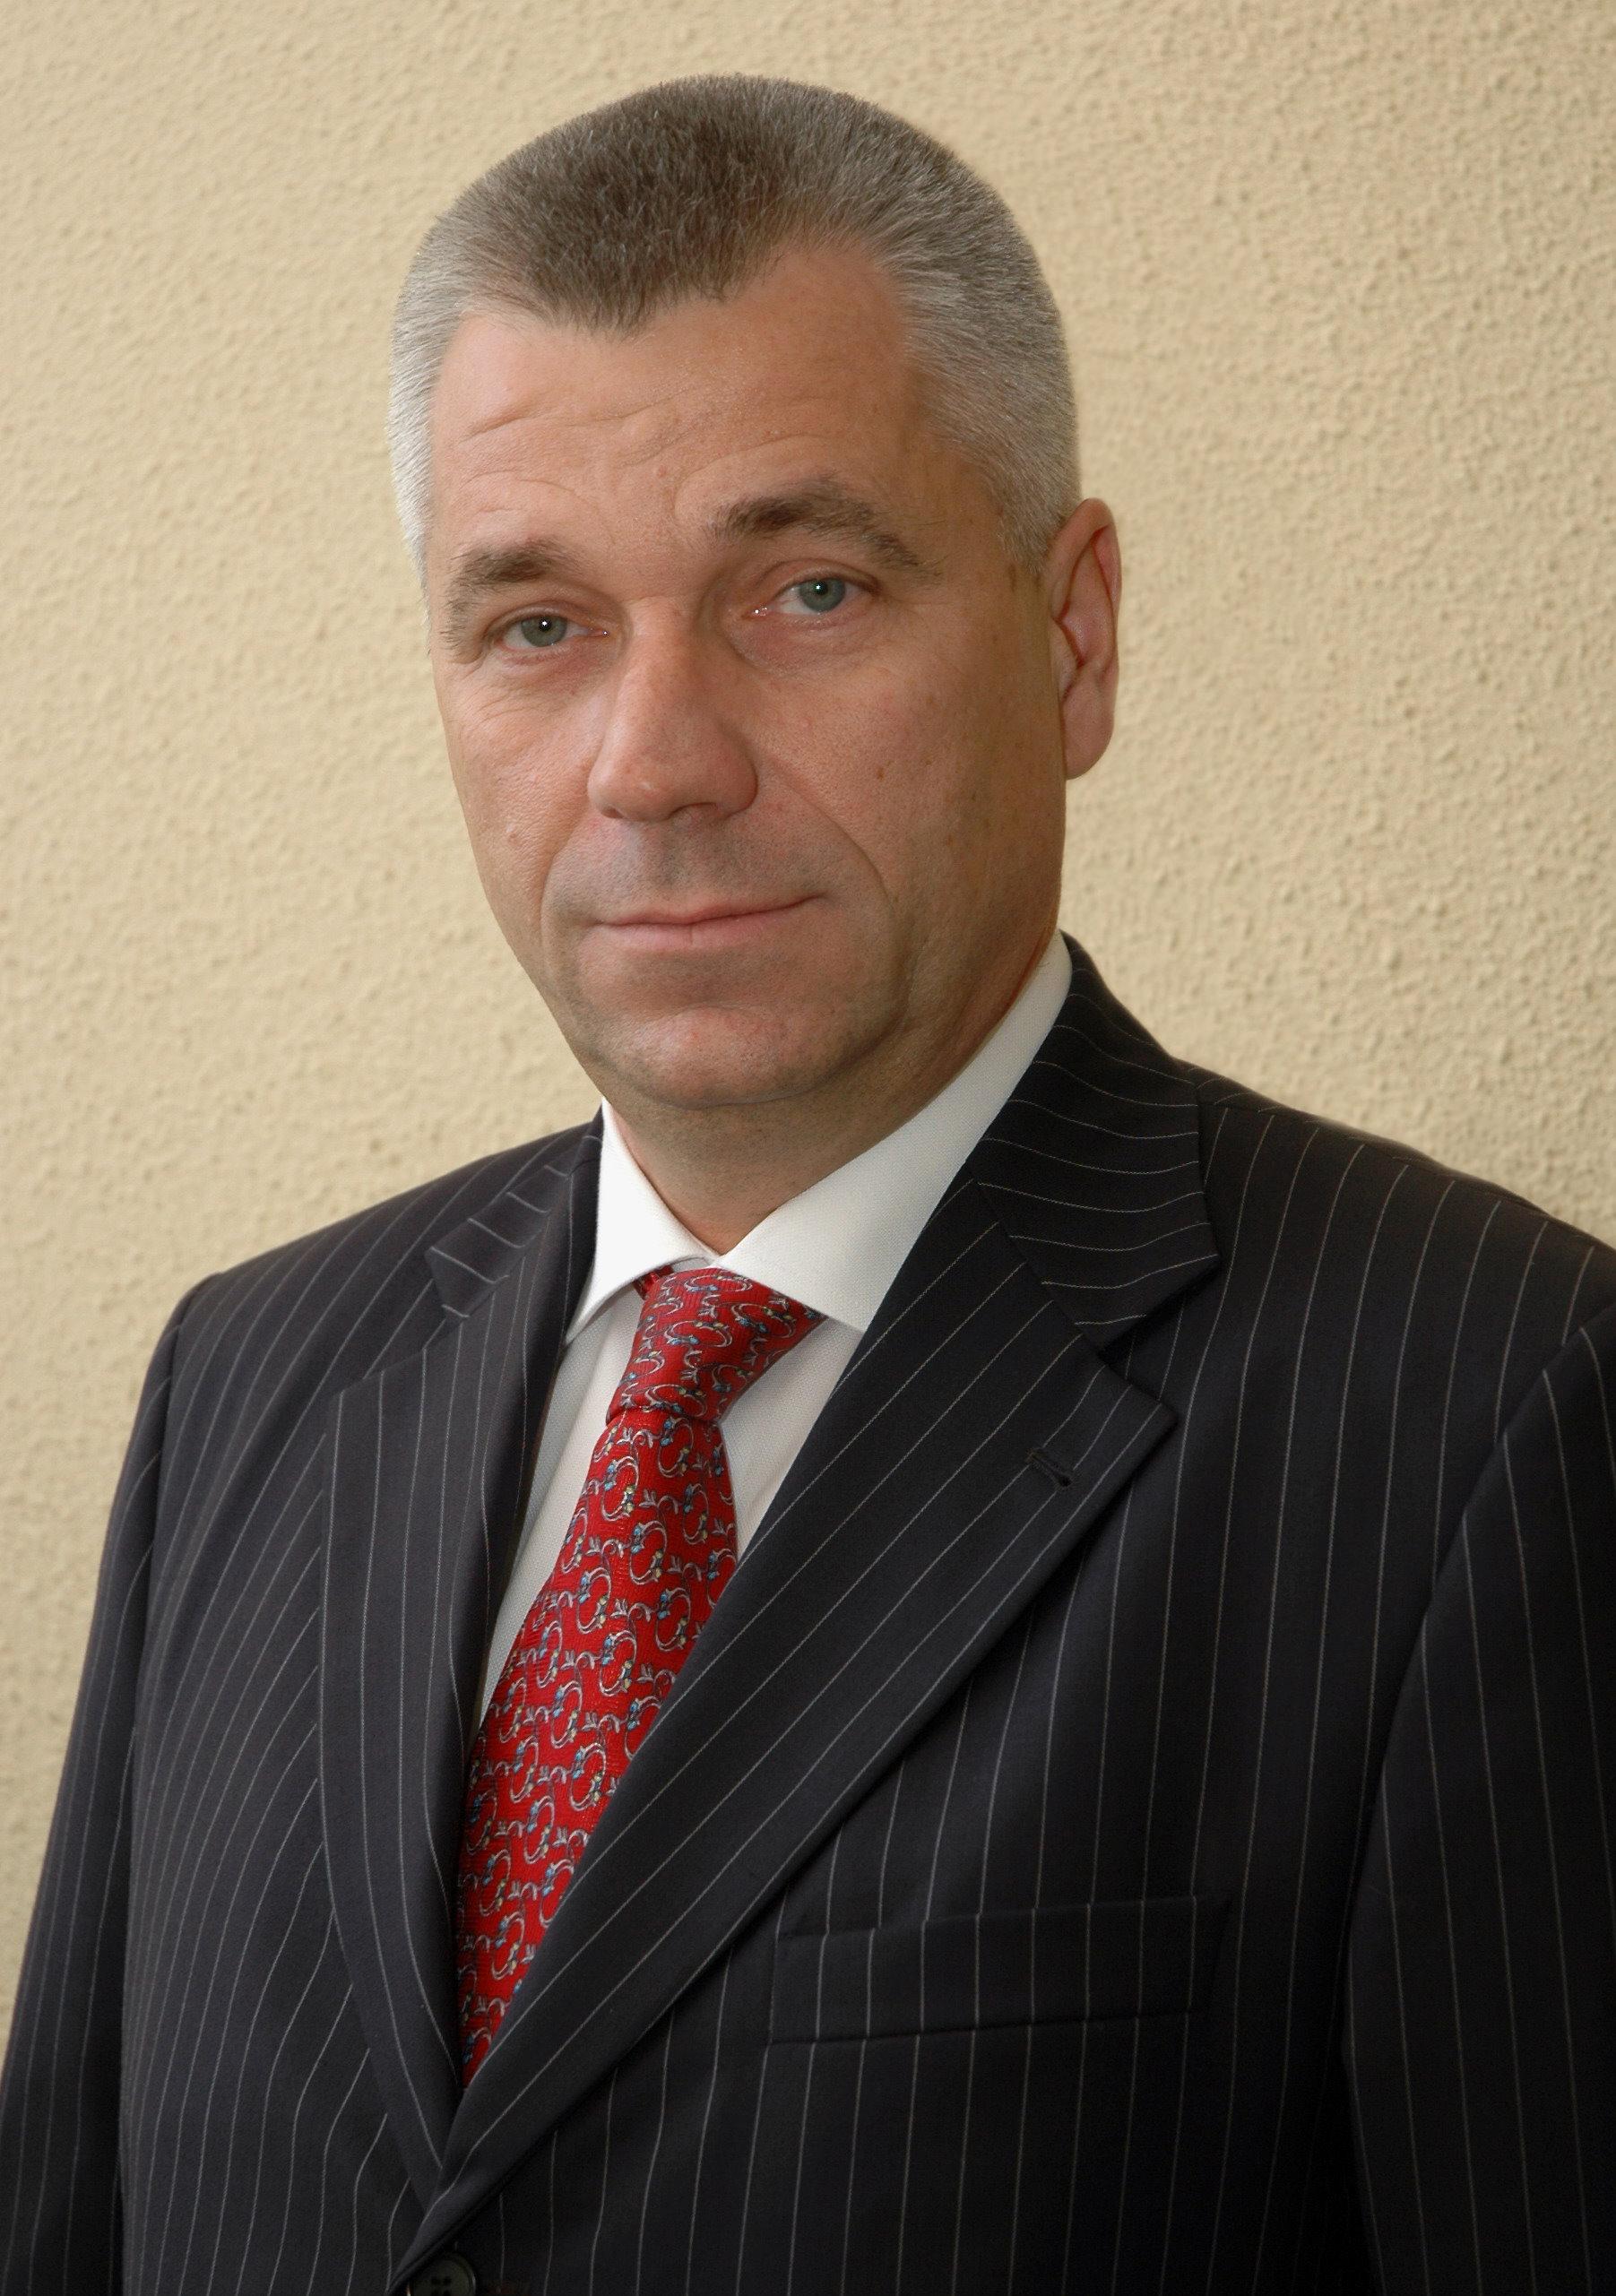 Mesajul d-lui Ioan Pacurar, presedintele de onoare al clubului nostru